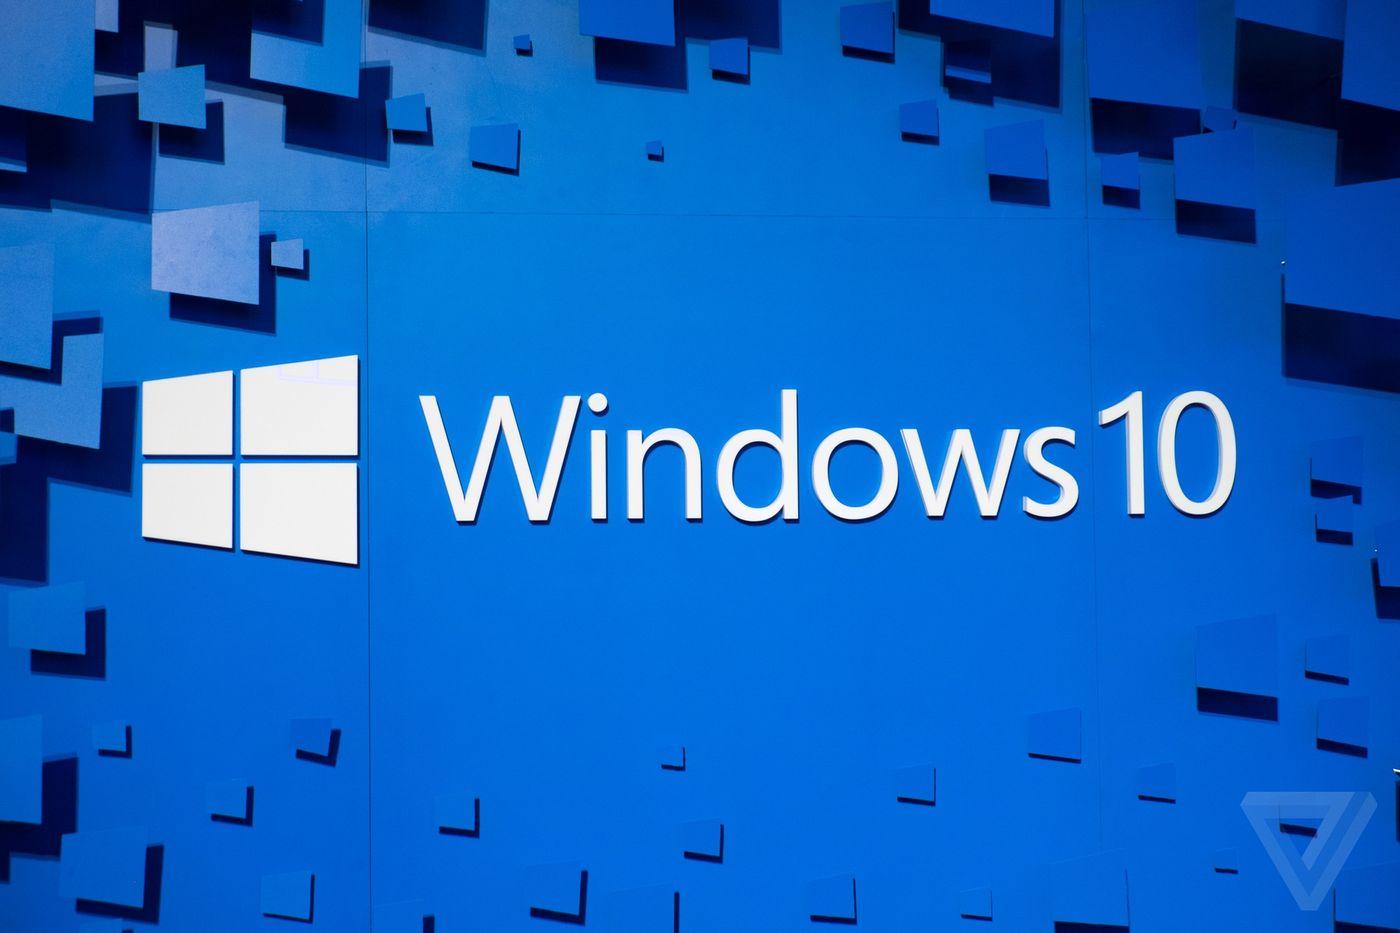 Windows 10 se integra cada vez más con Linux y permite acceder a sistemas de archivos como ext4